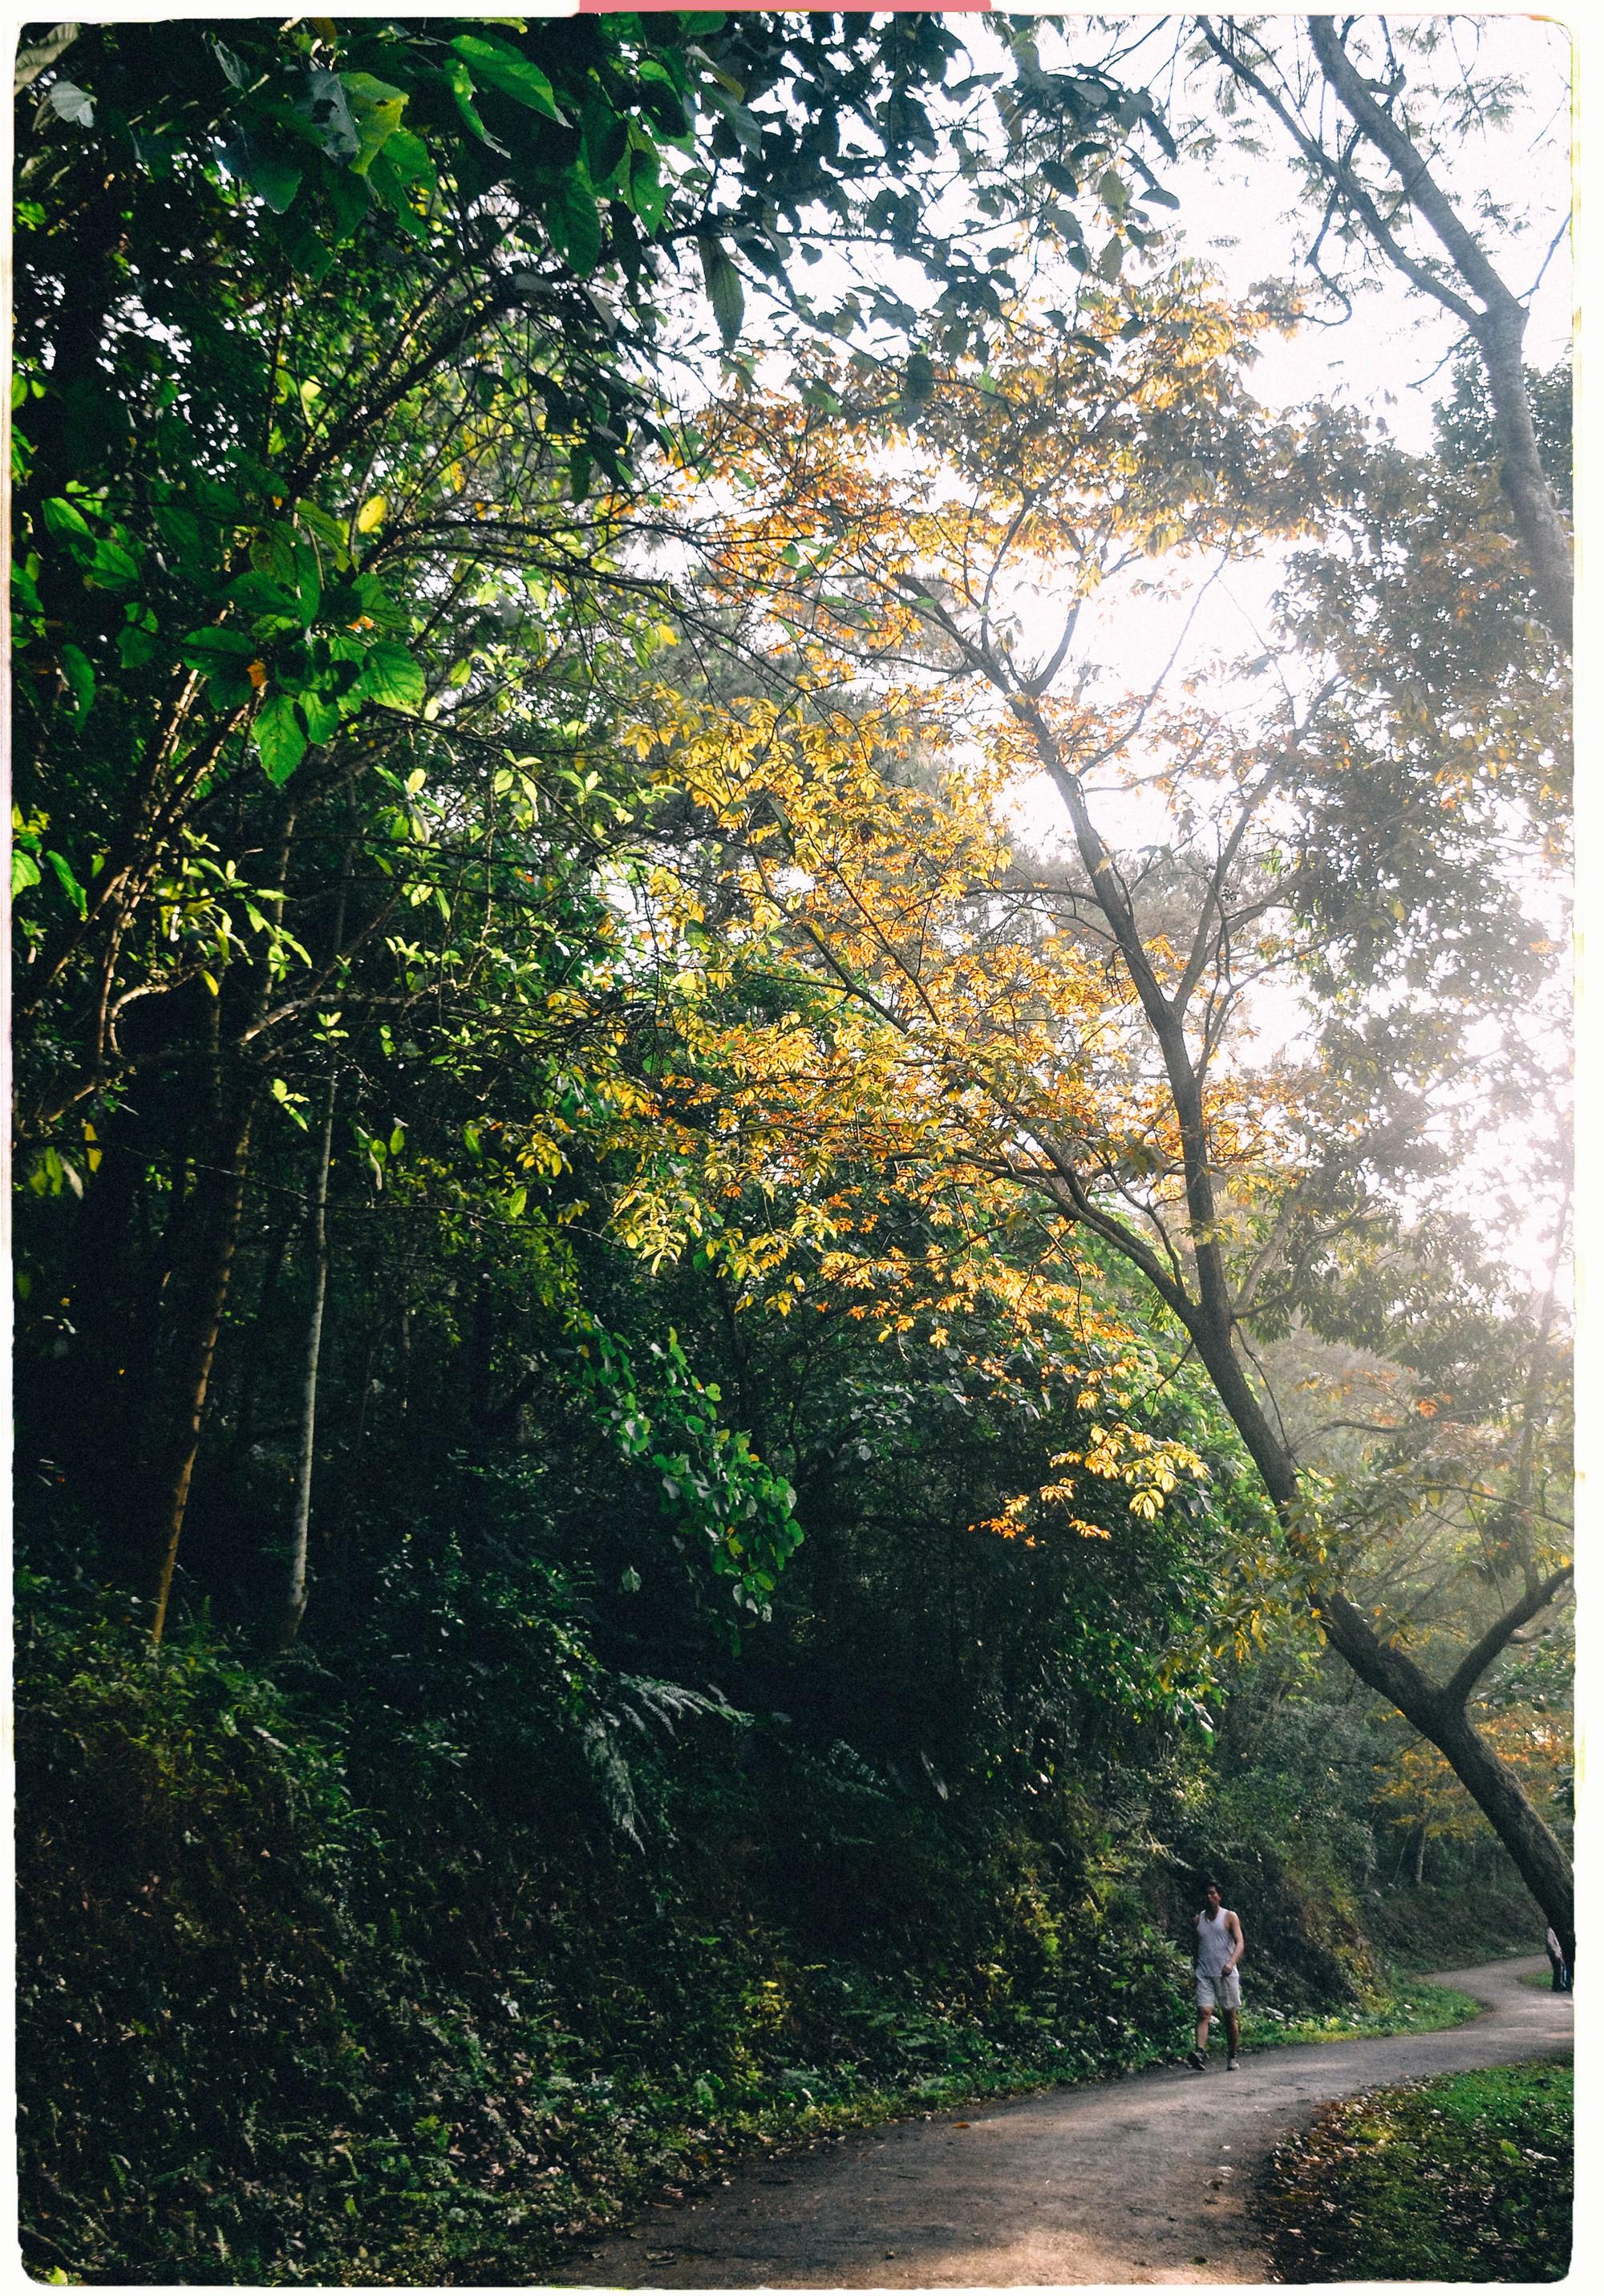 Đây là Đại học duy nhất ở Việt Nam có 1 khu rừng tuyệt đẹp ngay trong khuôn viên trường, tha hồ sống ảo - Ảnh 3.